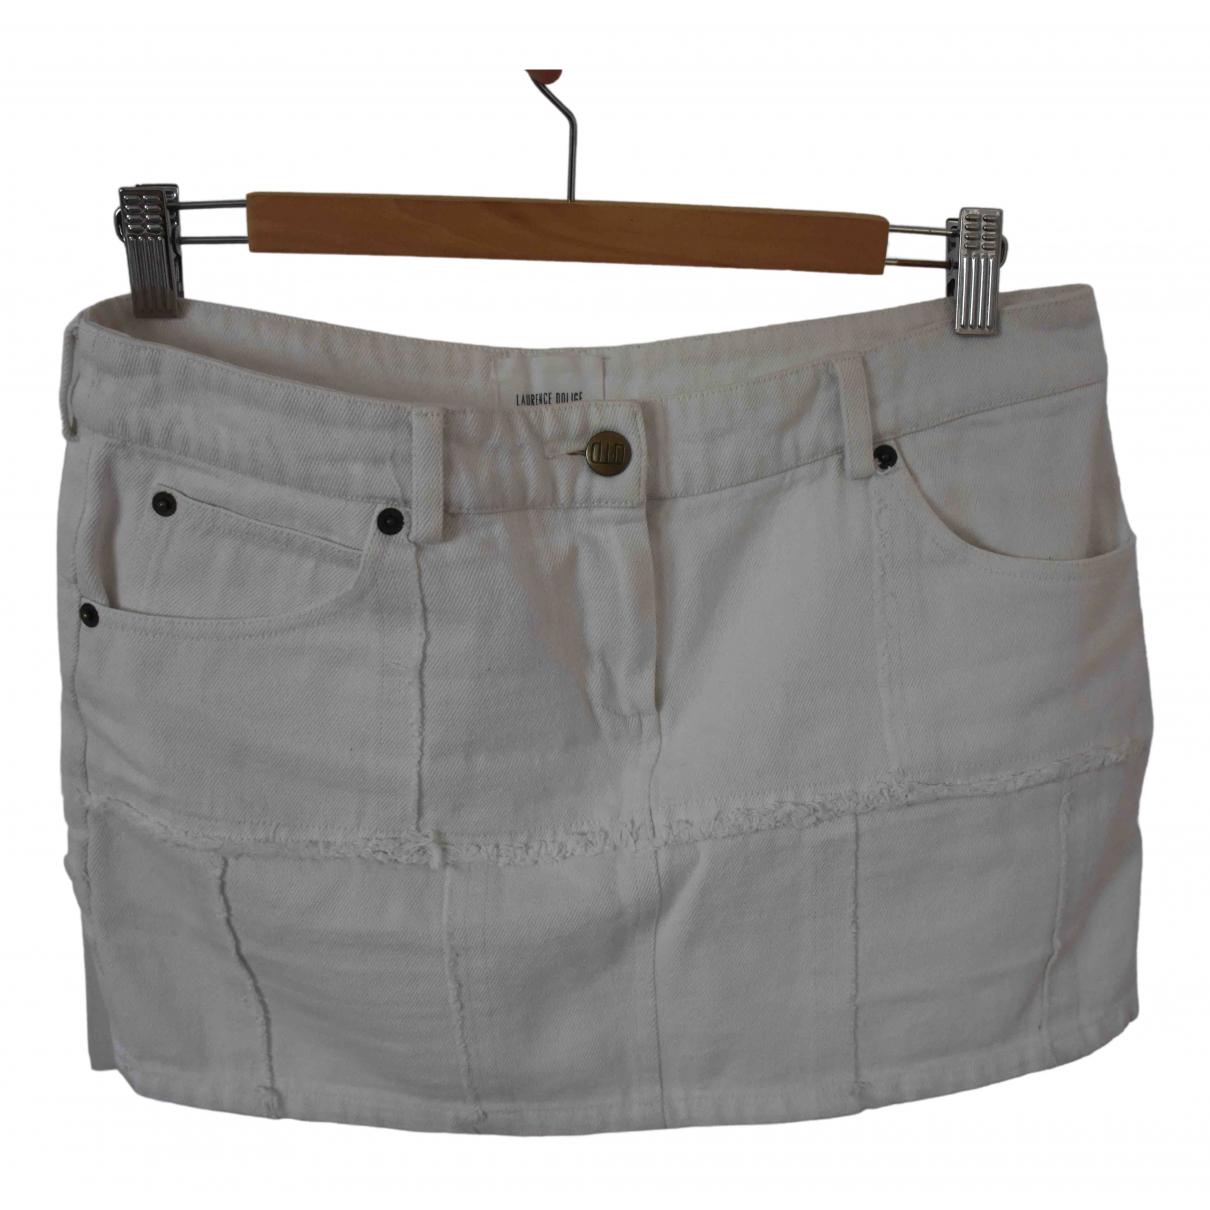 Laurence Dolige \N Rocke in  Ecru Denim - Jeans